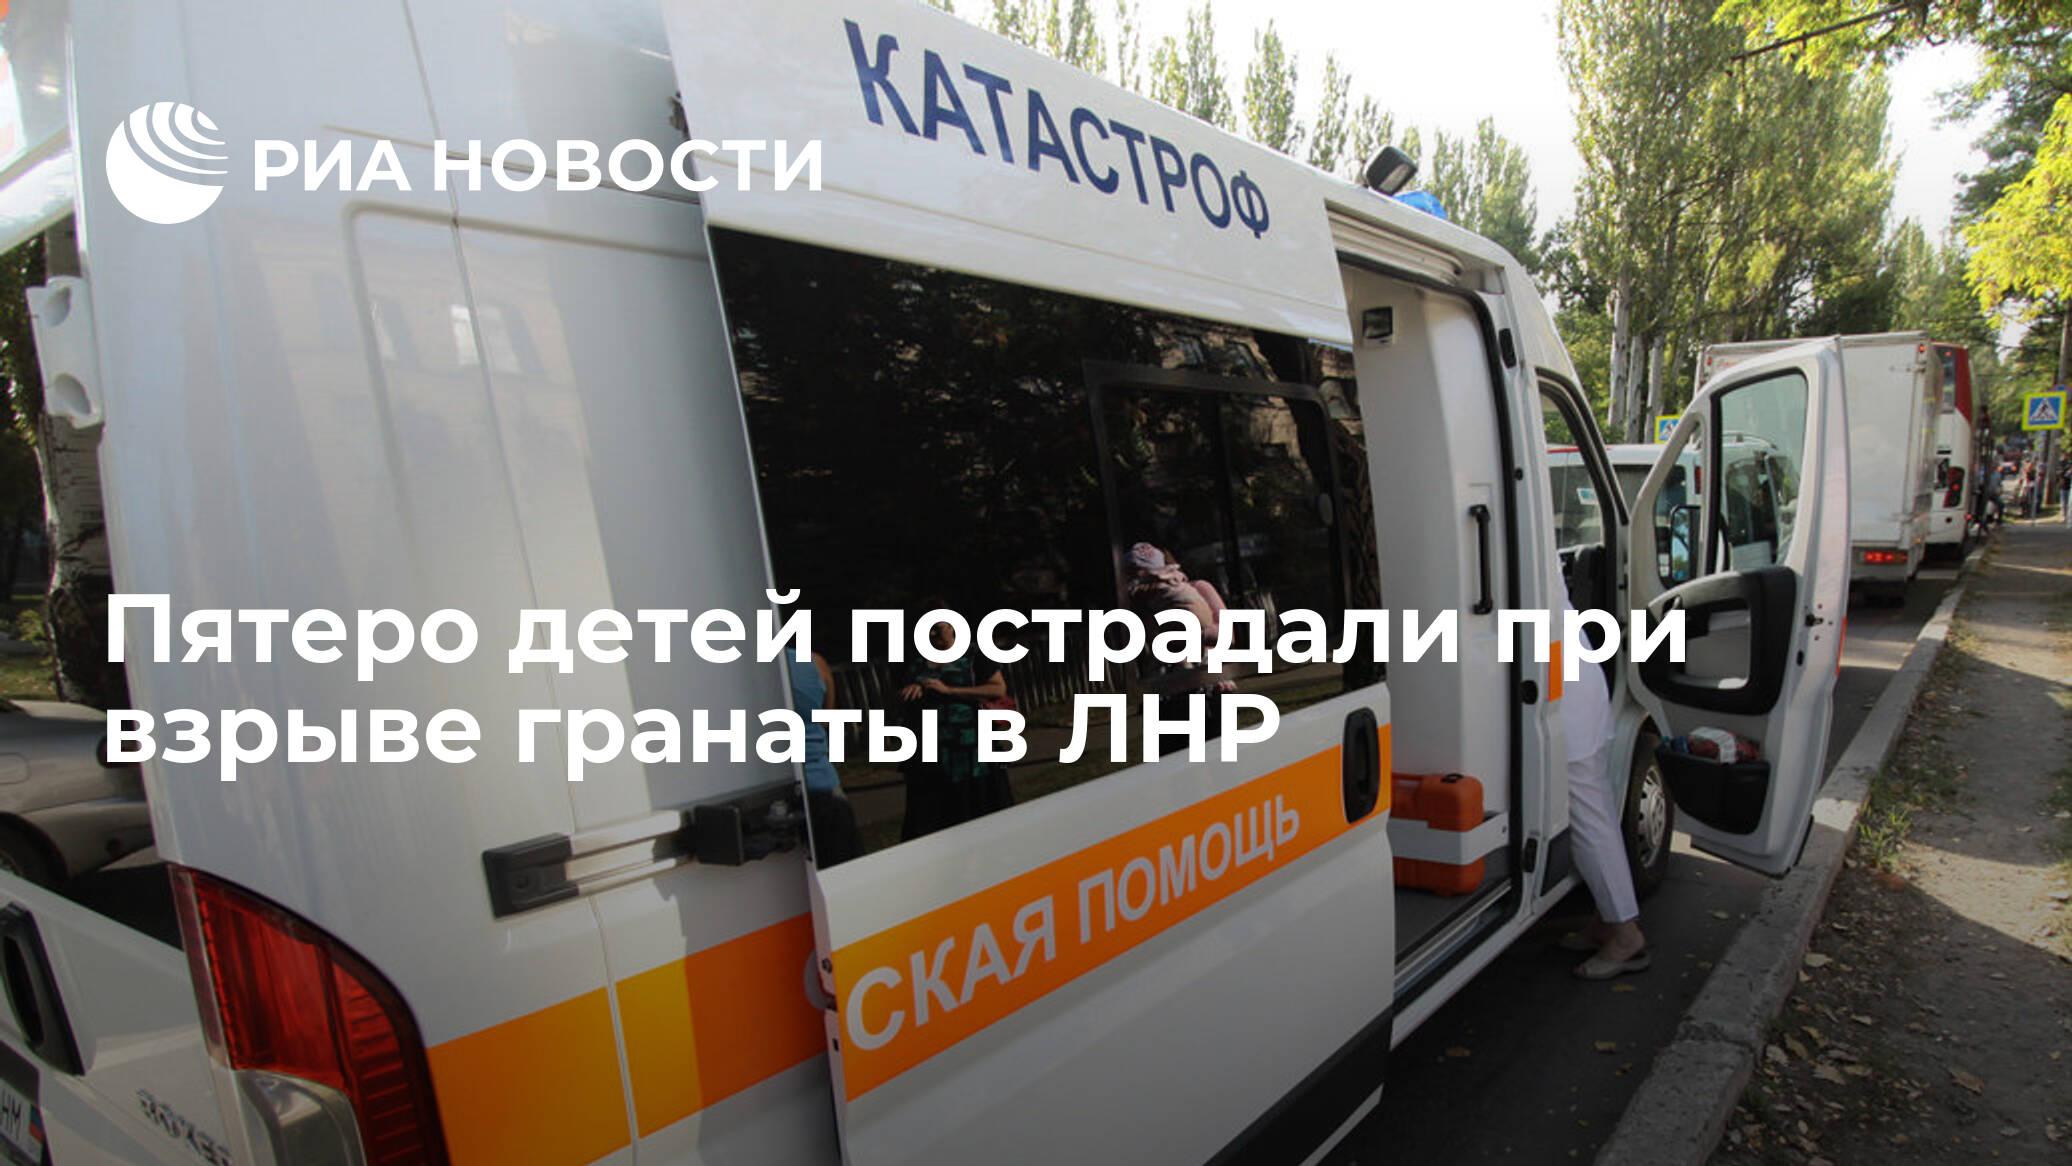 Пятеро детей пострадали при взрыве гранаты в ЛНР - РИА Новости